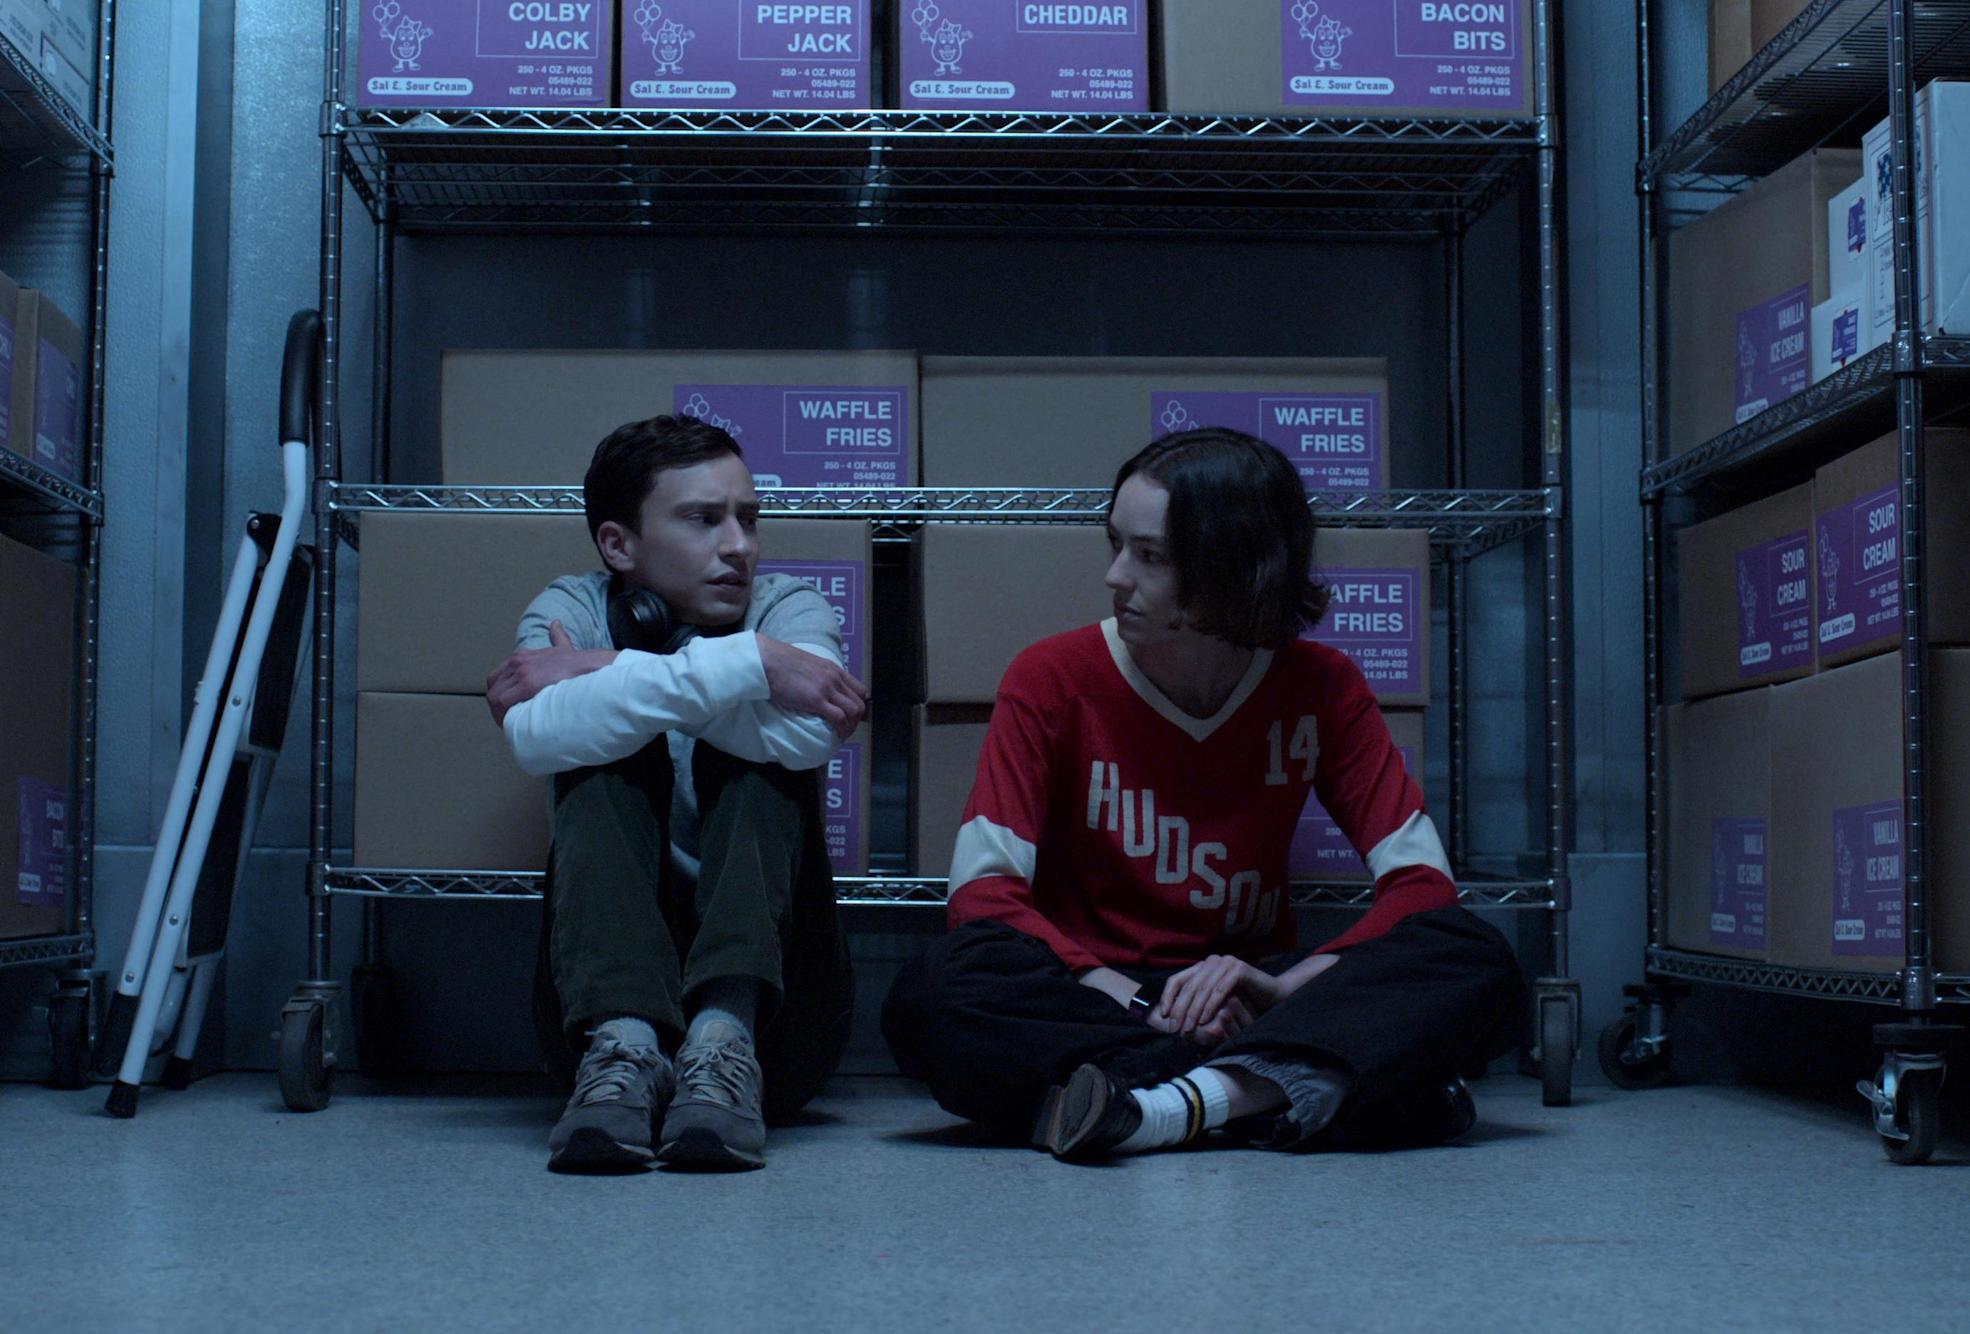 """Cena da quarta temporada de Atypical. Sam (Keir Gilchrist) e Casey (Brigette Lundy-Paine) estão sentados no chão de um depósito, sentados de costas para uma estante com caixas de papelão. À esquerda, Sam, caucasiano, cabelos pretos e curtos, usando uma calça esverdeada e uma blusa clara, abraçando os joelhos e olhando nervoso para sua irmã. Casey, caucasiana e cabelos castanhos quase até os ombros, está sentada de pernas cruzadas, usando uma calça jeans e uma camiseta de mangas longas vermelha e branca com a palavra """"Hudson"""" escrita verticalmente e o número 14 no ombro direito, olhando preocupada para Sam. O local está iluminado por uma luz azul fria."""